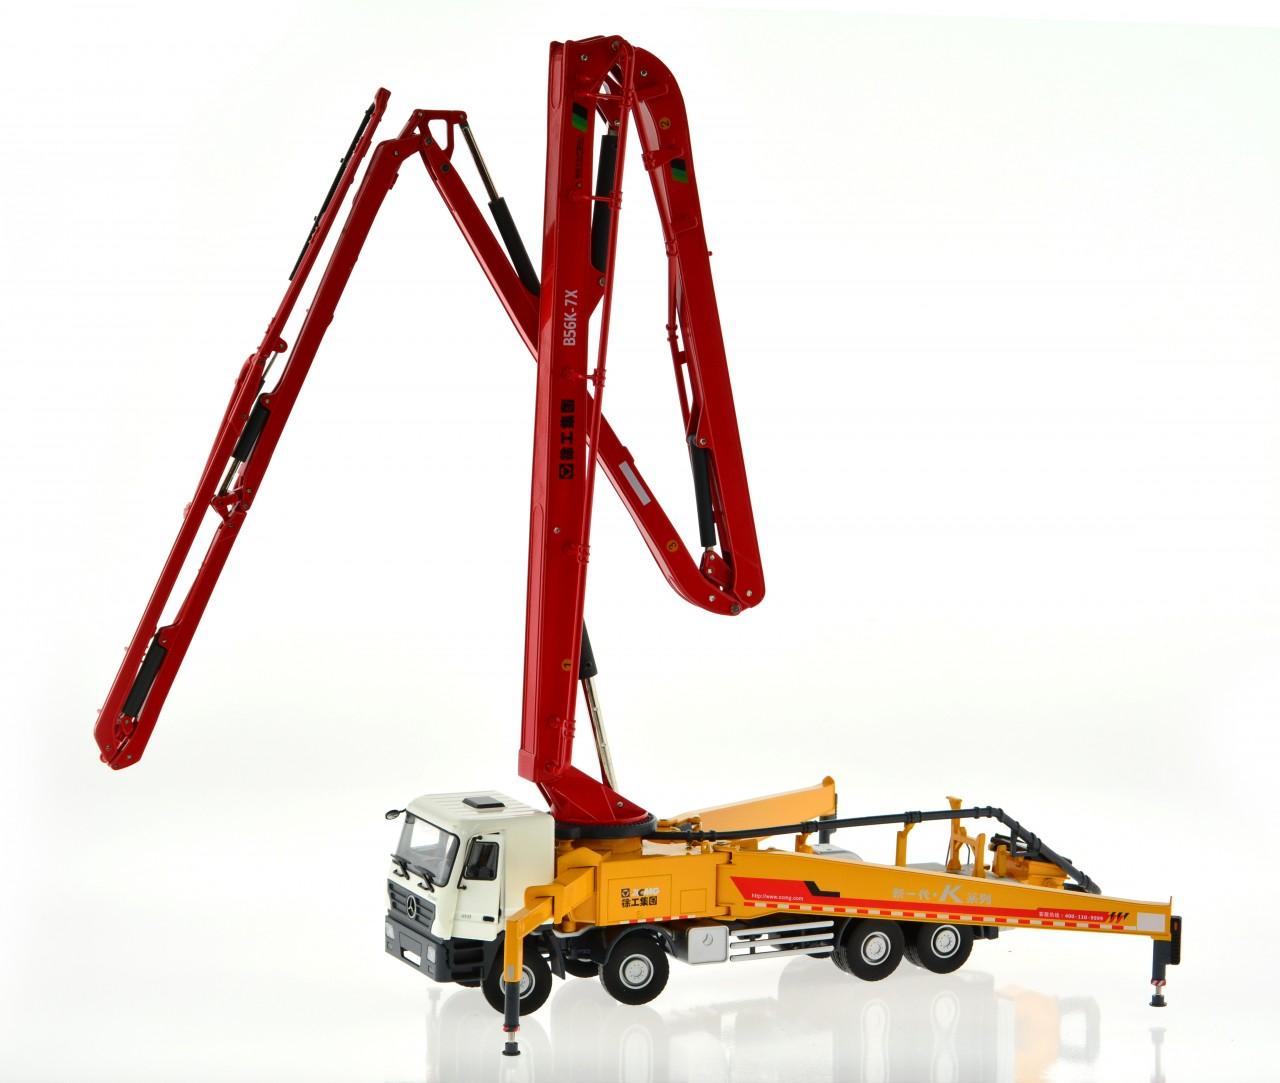 1:35 scale concrete pump truck - CIS-Associates, LLC